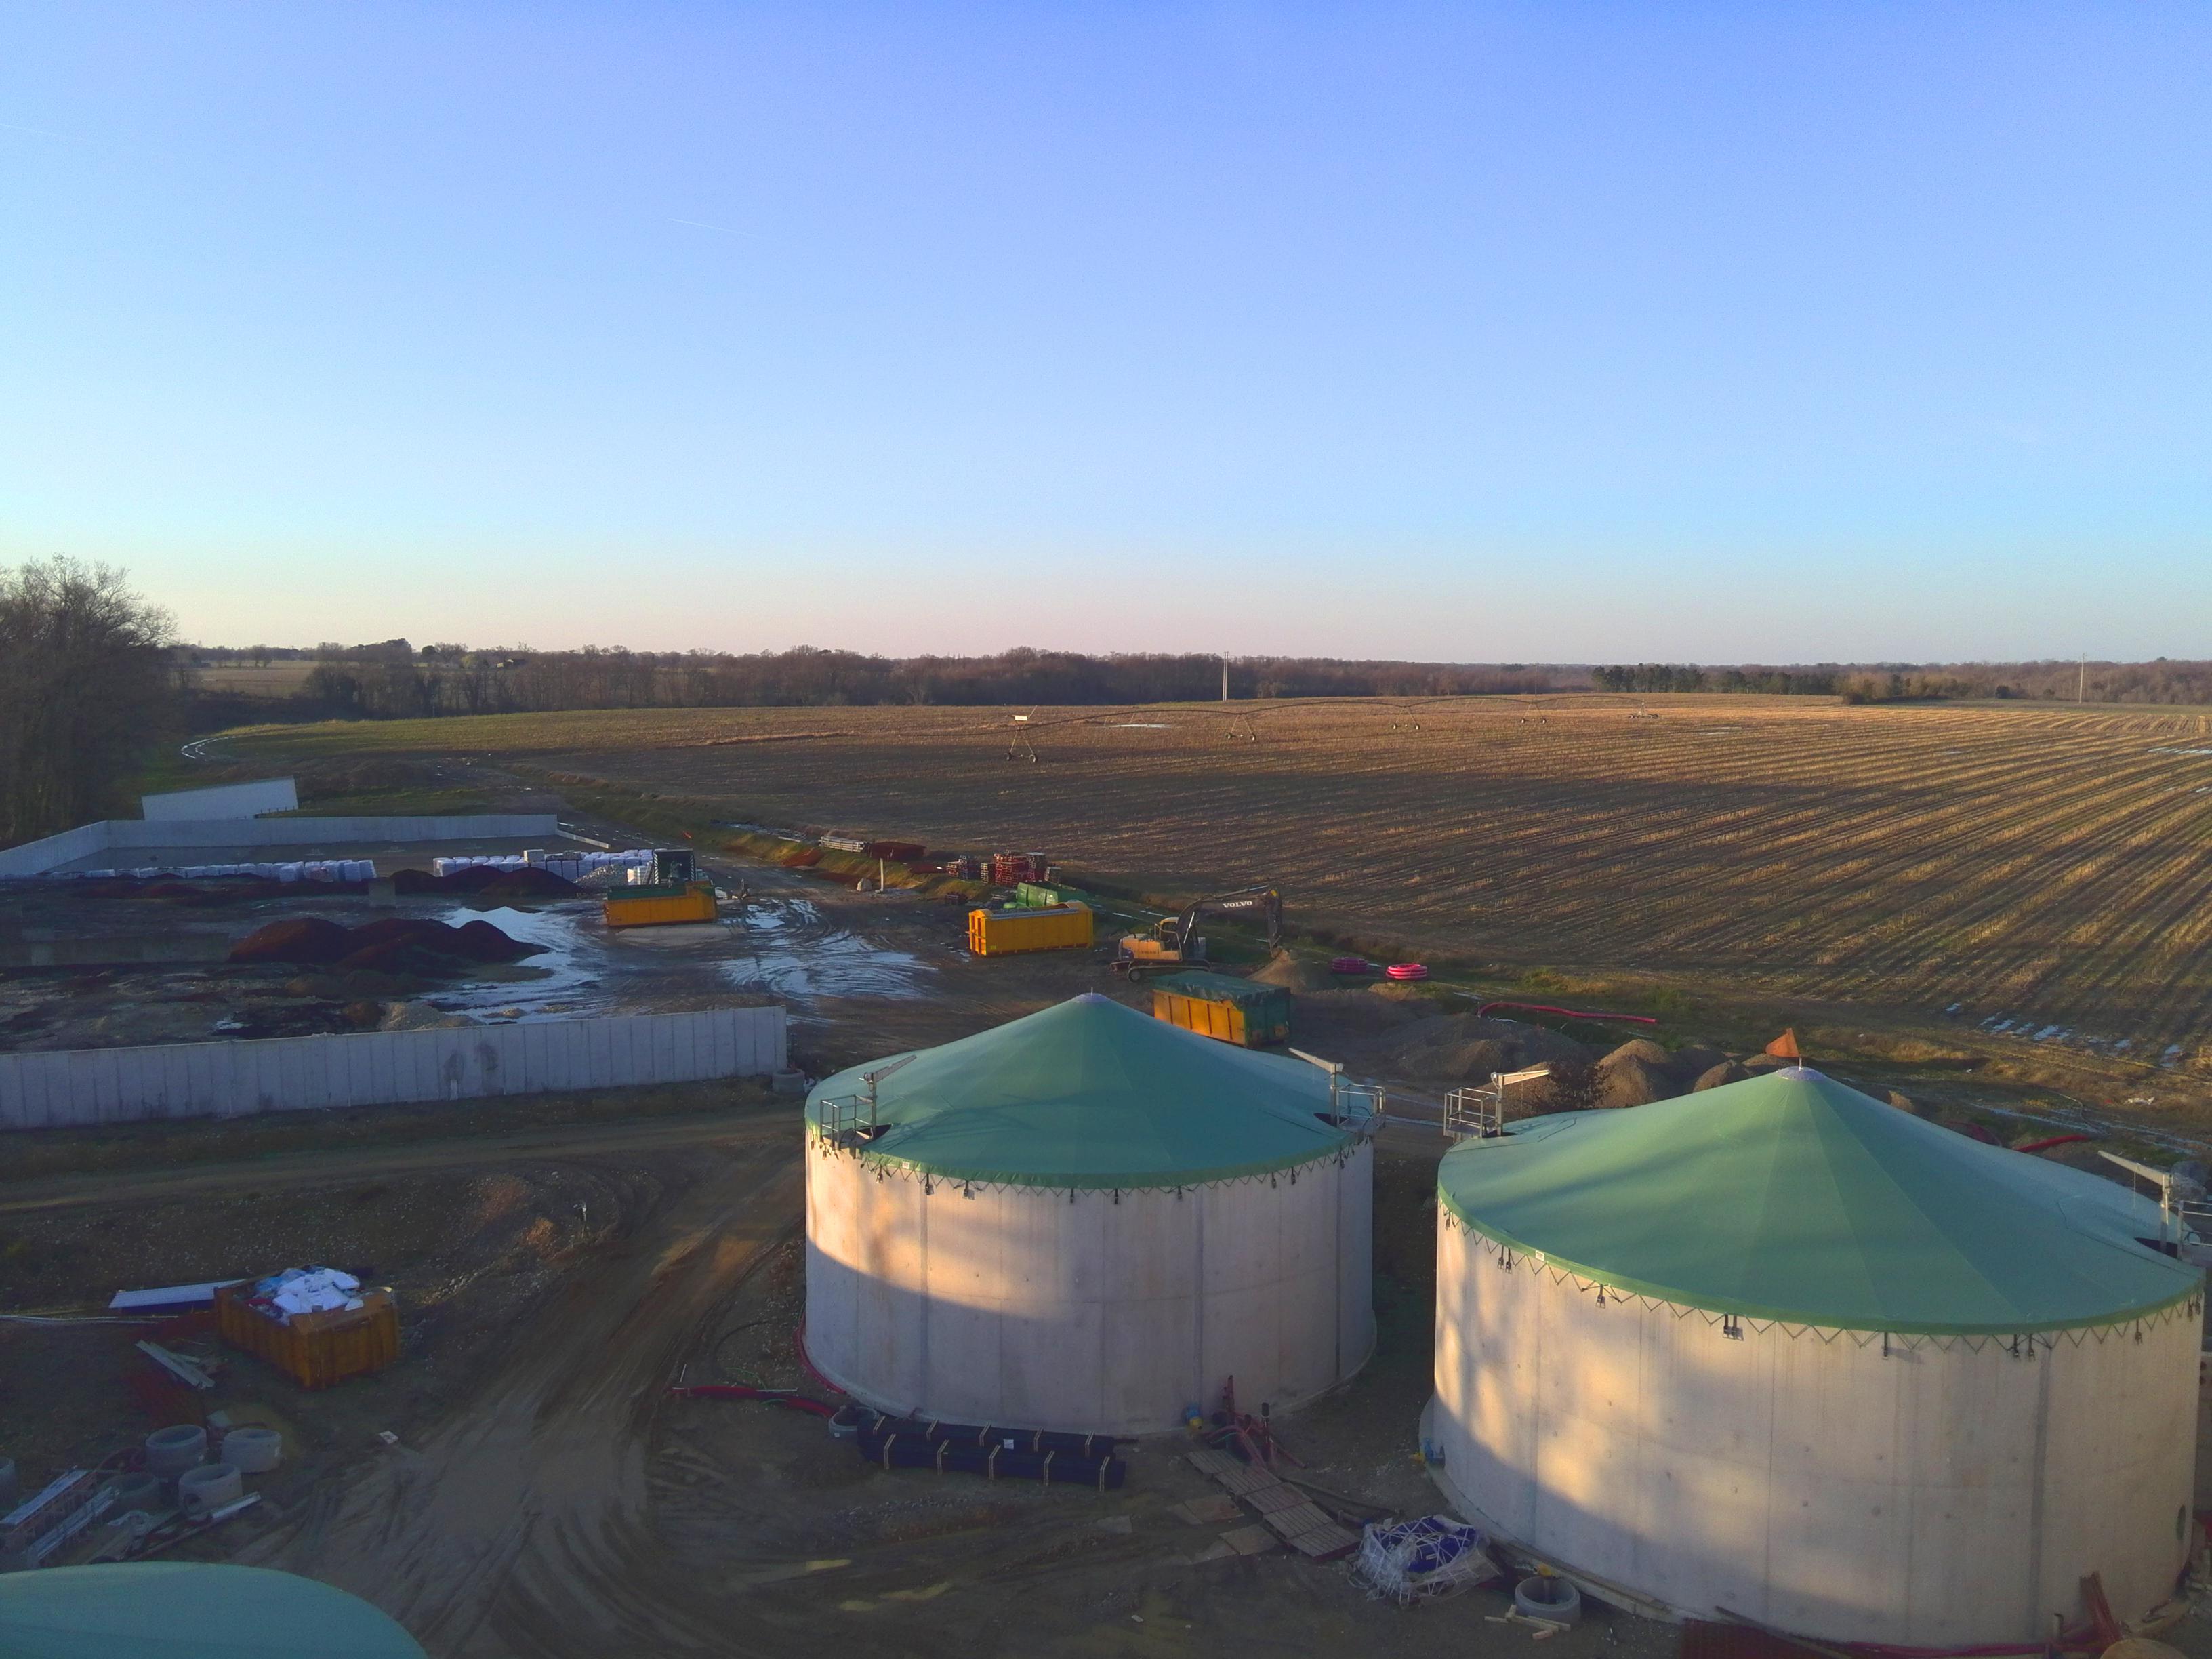 Planta de Biogás de 500 kW en Aire-sur-l'Adour Francia 02